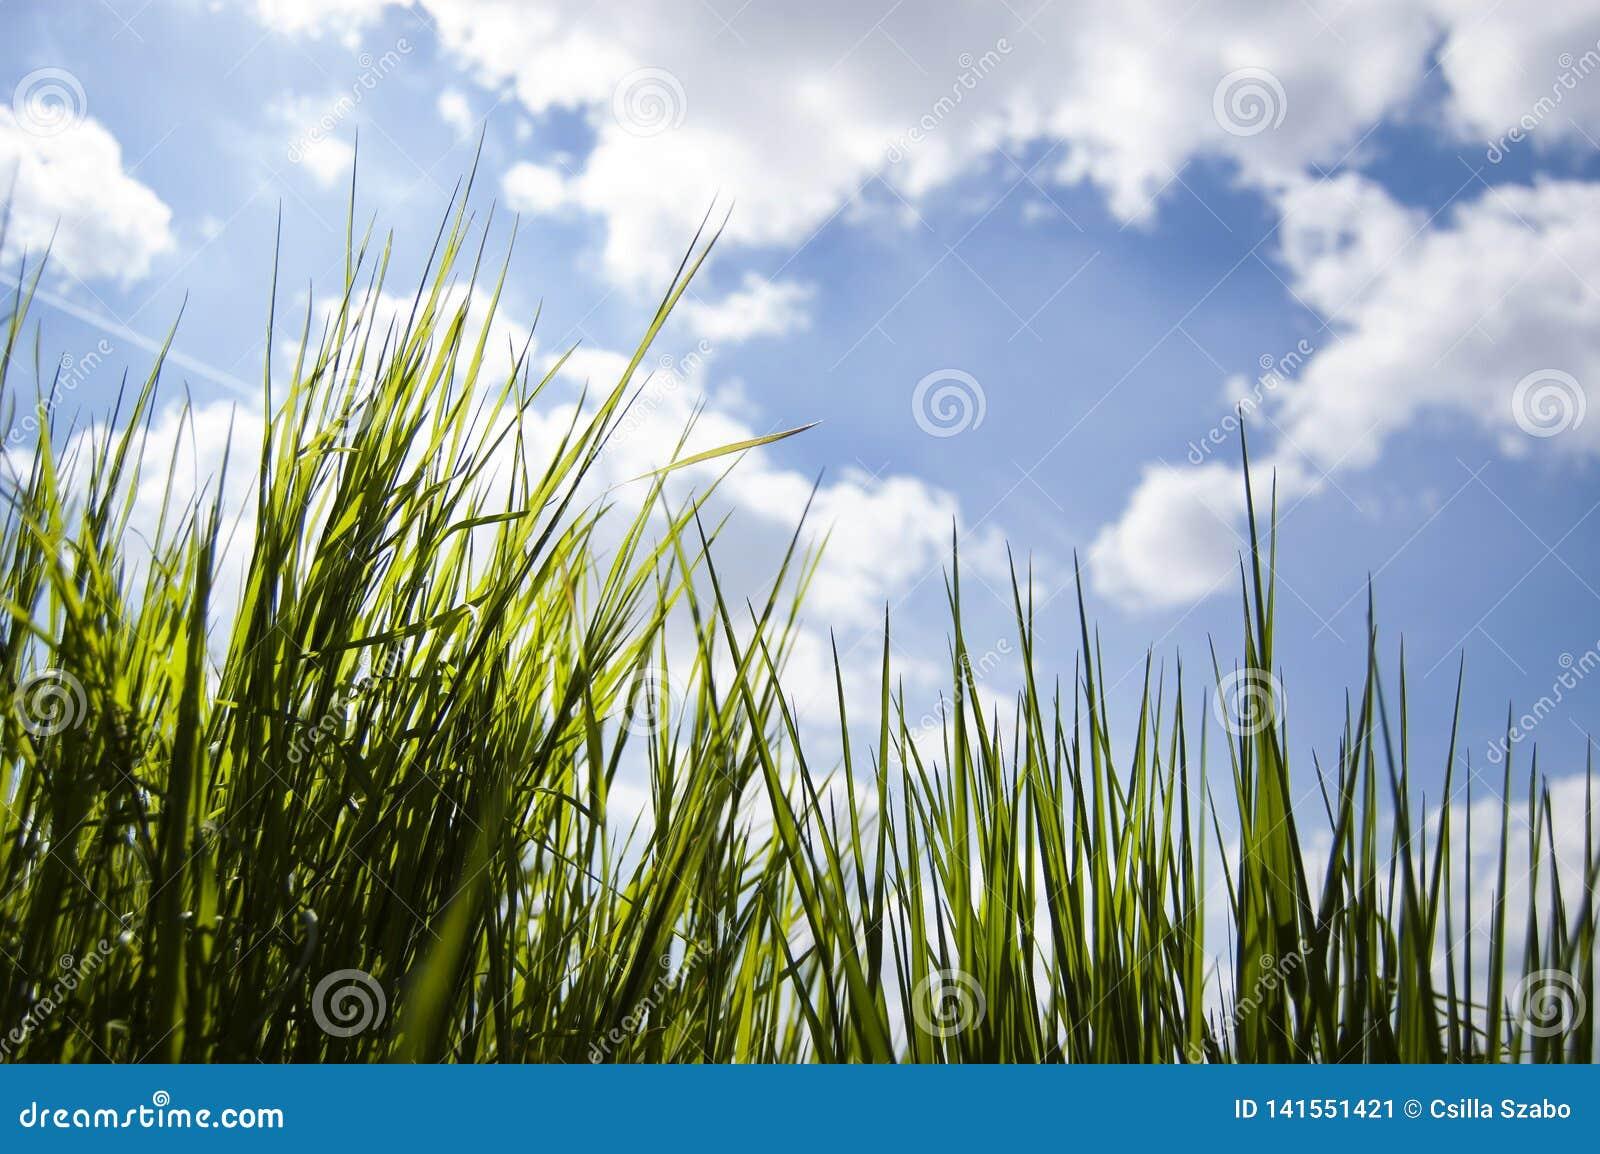 Κλείστε επάνω, μακροεντολή των πτώσεων δροσιάς στις λεπίδες της φρέσκιας χλόης, ακτίνες πρωινού του ήλιου, της αποταμίευσης νερού